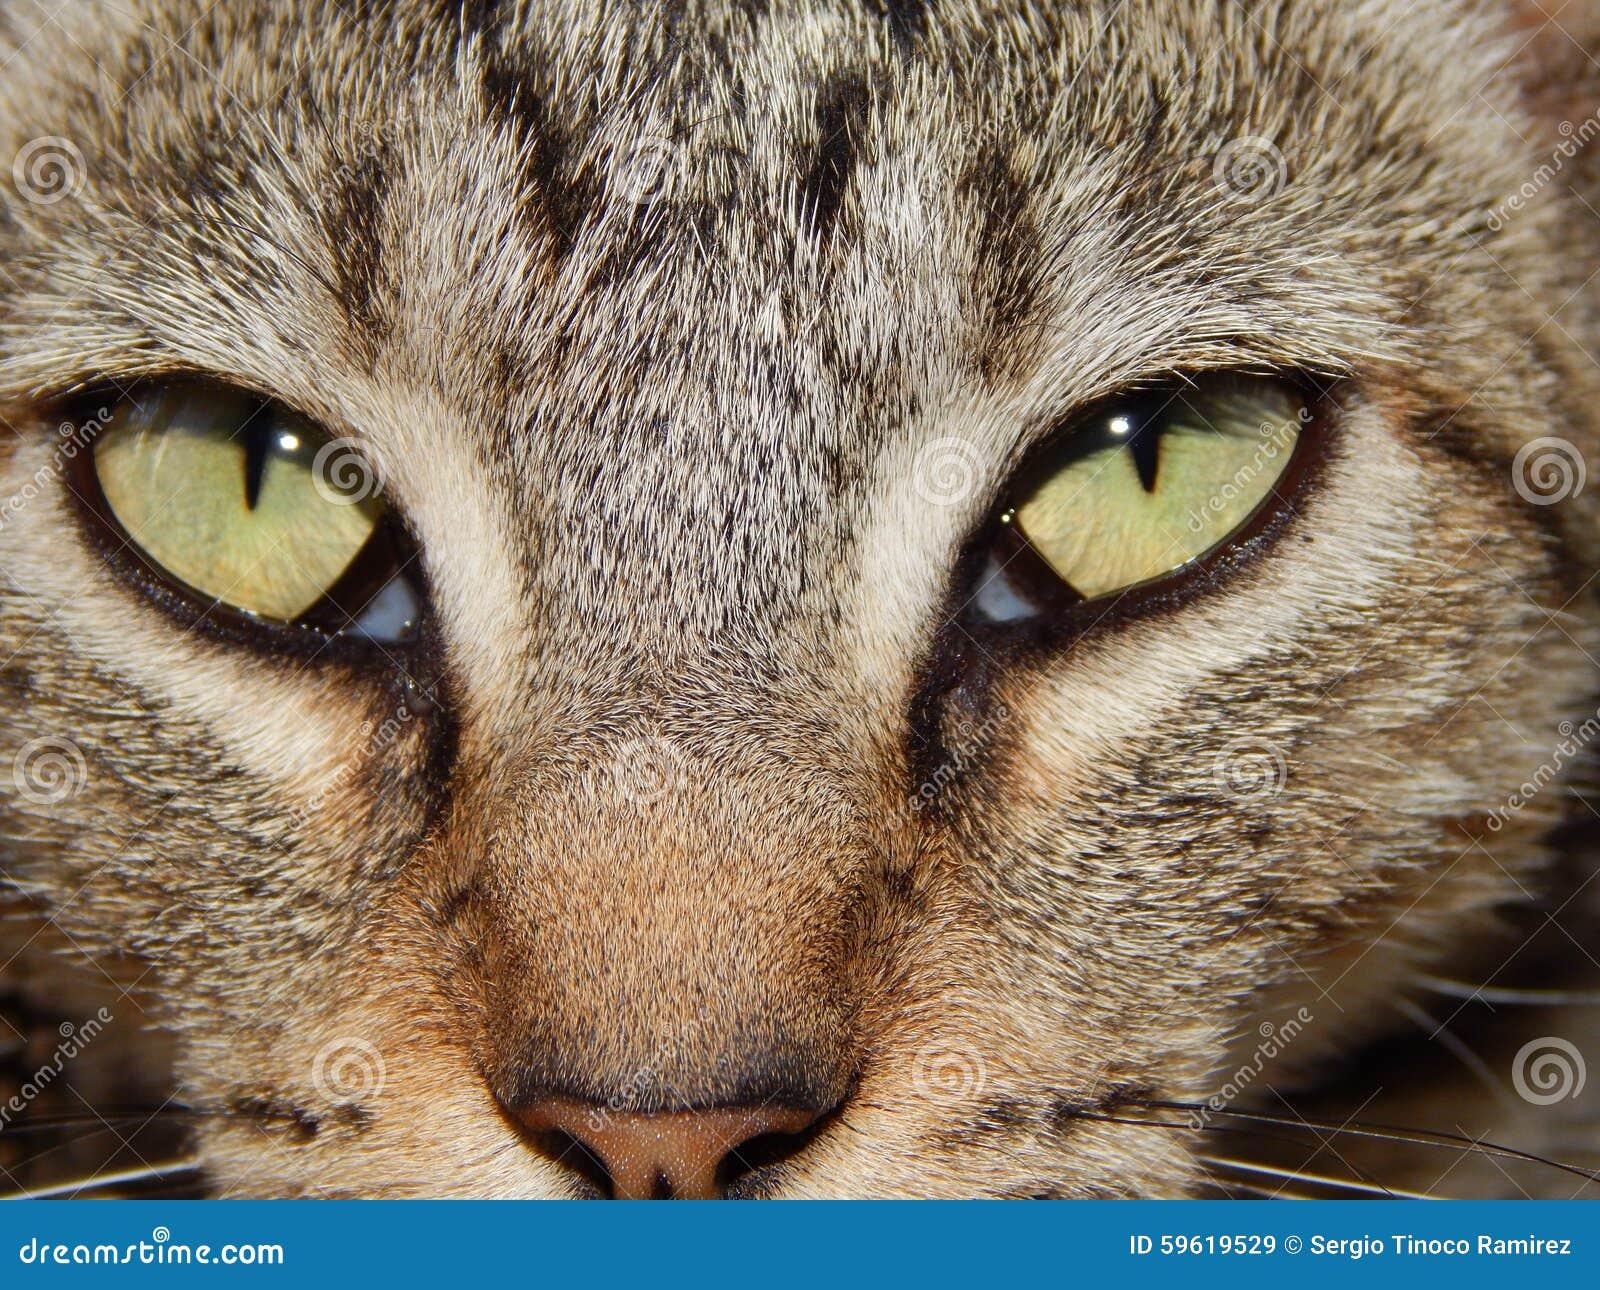 105e0ddc07c7 Αγαπώ τα κατοικίδια ζώα και είμαι πιστός όταν θέλετε και καταδεικνύετε